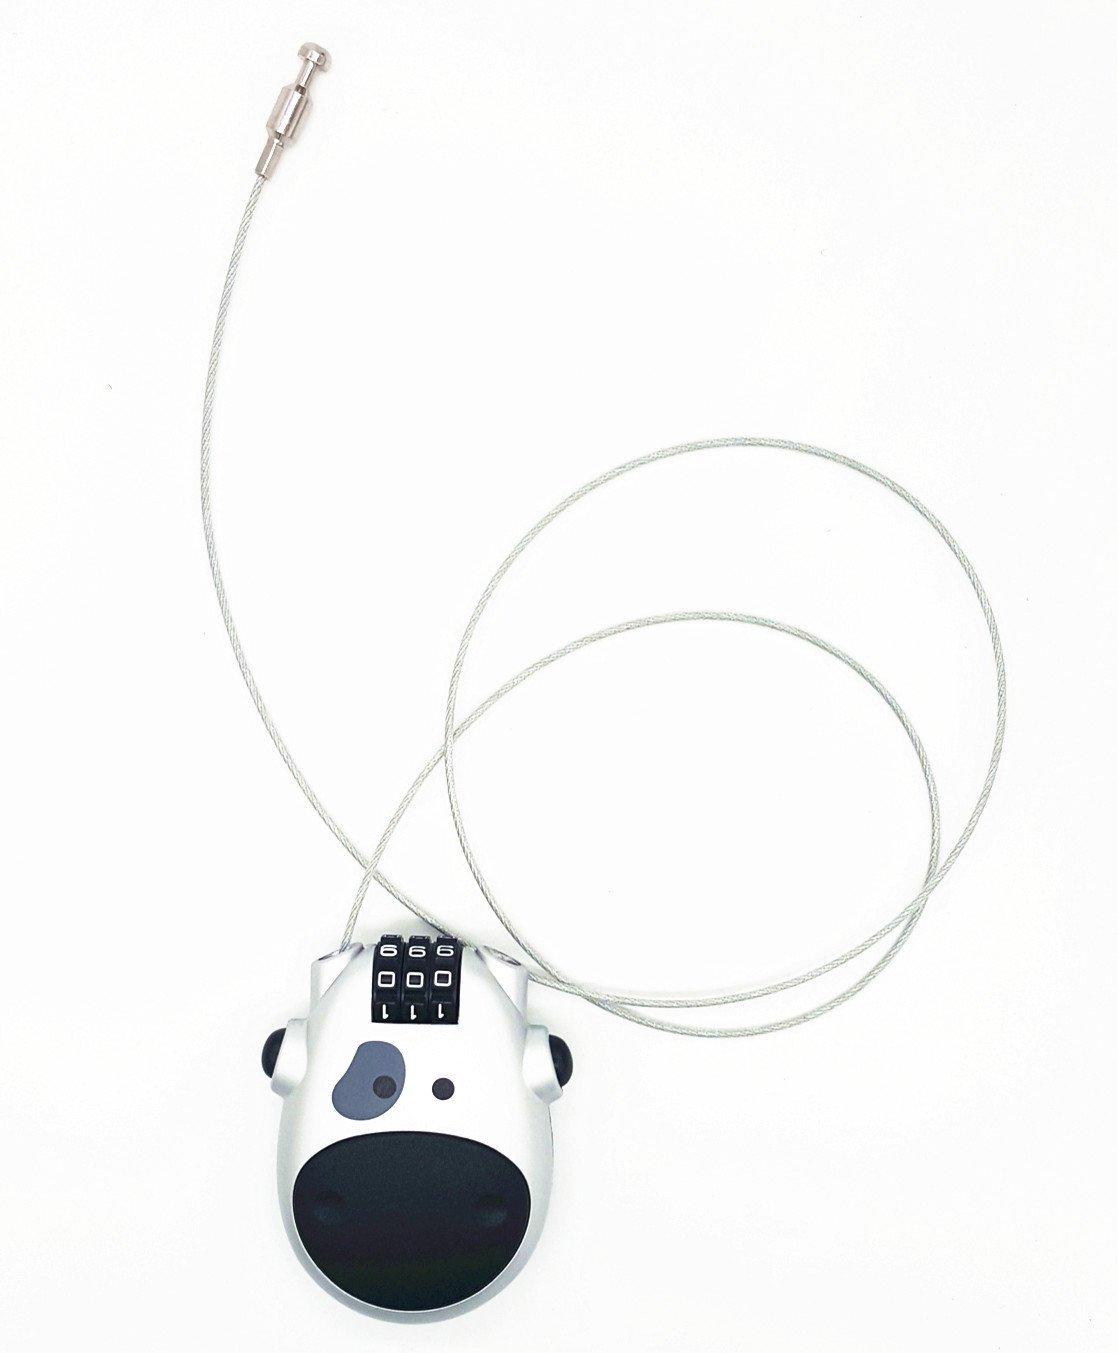 equipaje maleta equipaje Locks archivadores Dise/ño de vaca con candado de combinaci/ón 3/d/ígitos de bloqueo para viajes escuela cable antirrobo para maleta gimnasio Locker